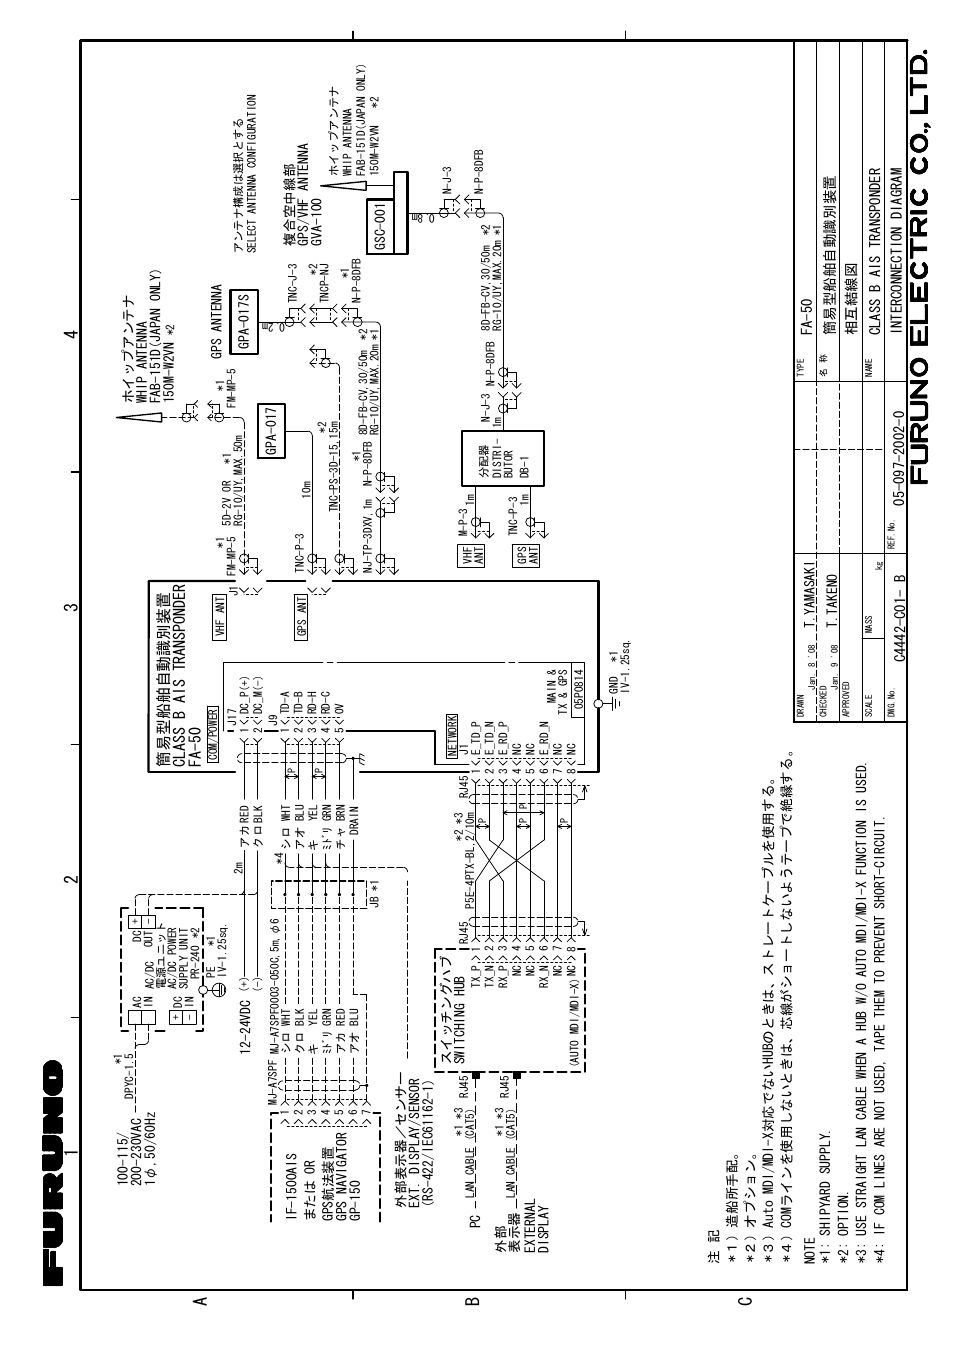 interconnection diagram 34 2 1 c b a furuno ais transponder fa 50 rh manualsdir com furuno ais fa-100 installation manual furuno universal ais fa 100 manual